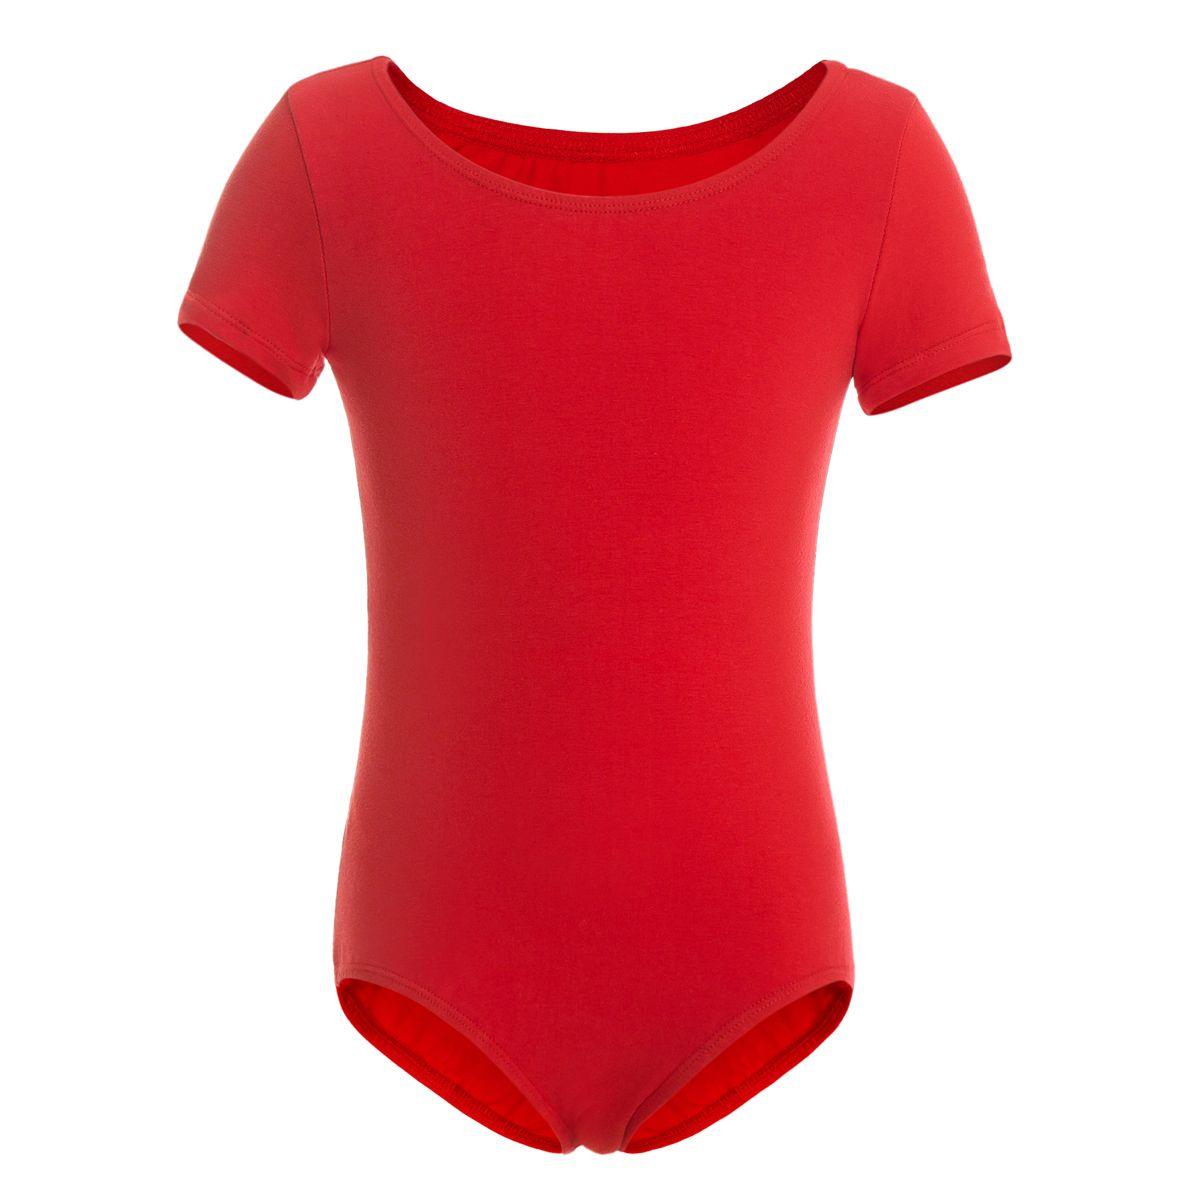 d03b4cf5 Bodysuit · Onesie · Dance Ballet · Romper · 90% Cotton 10% Spandex,7 Colors  Available——#MagicTown http: